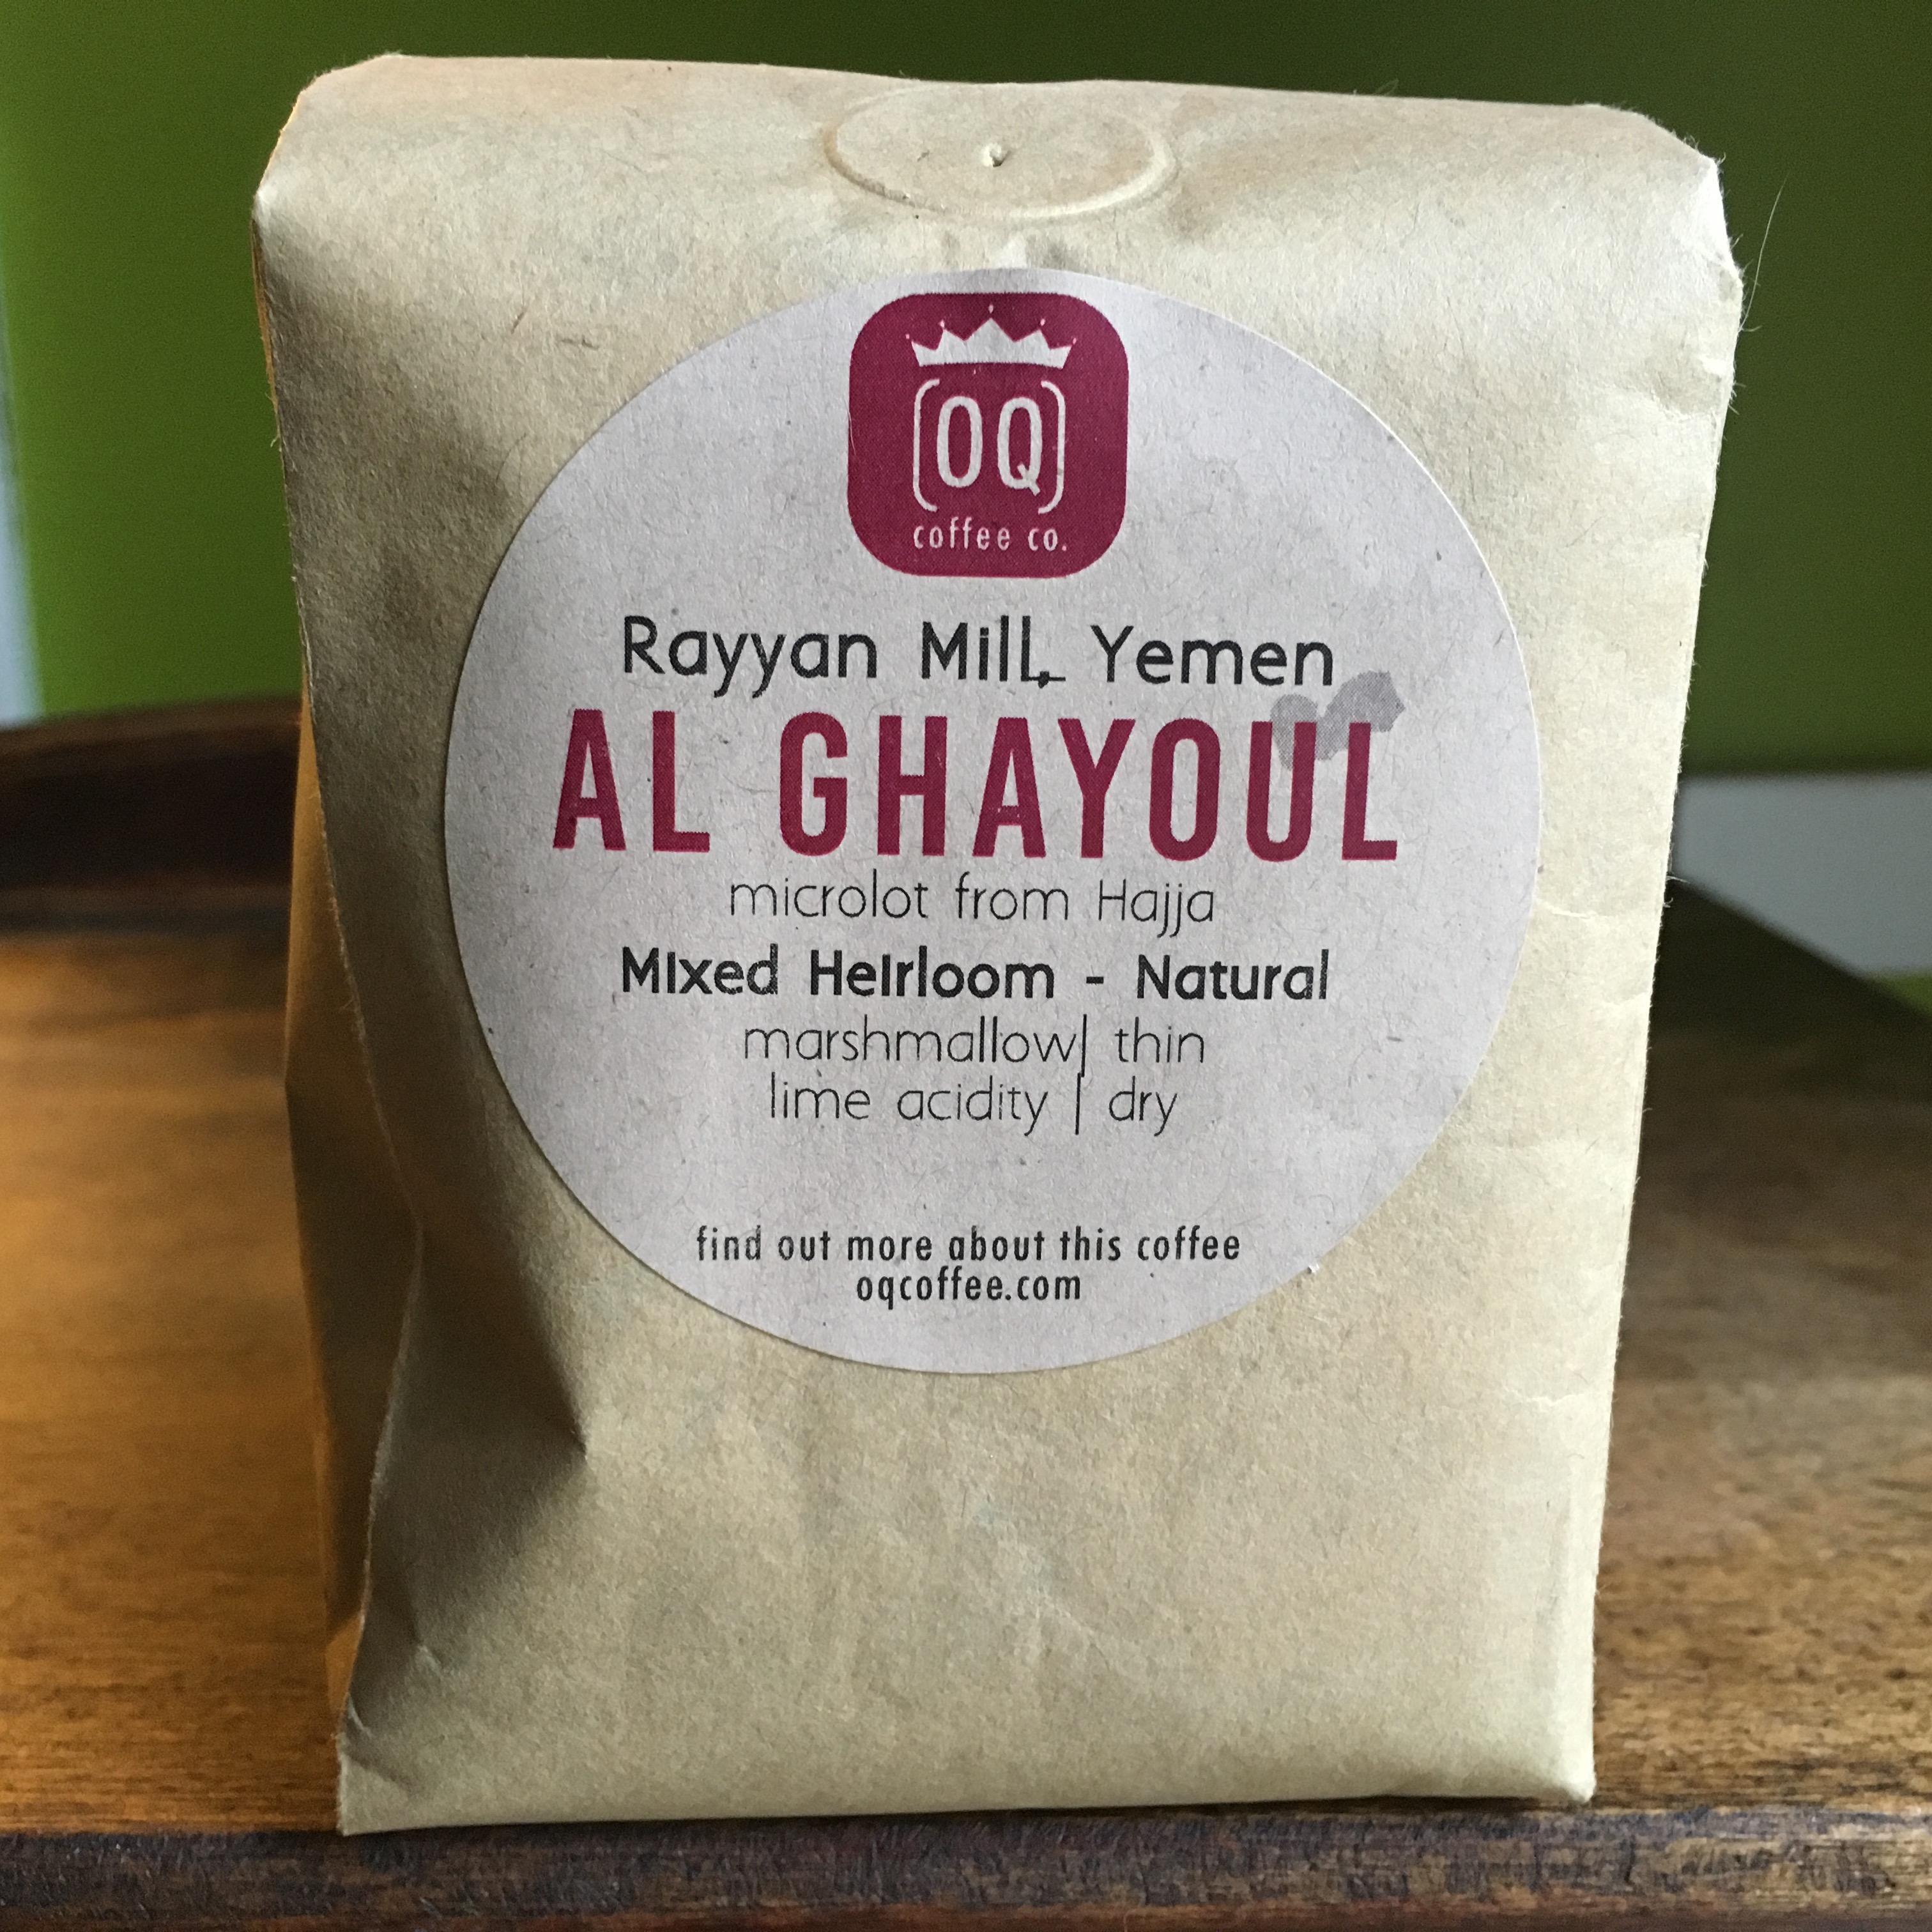 OQ Coffee Yemen Al Ghayoul Microlot